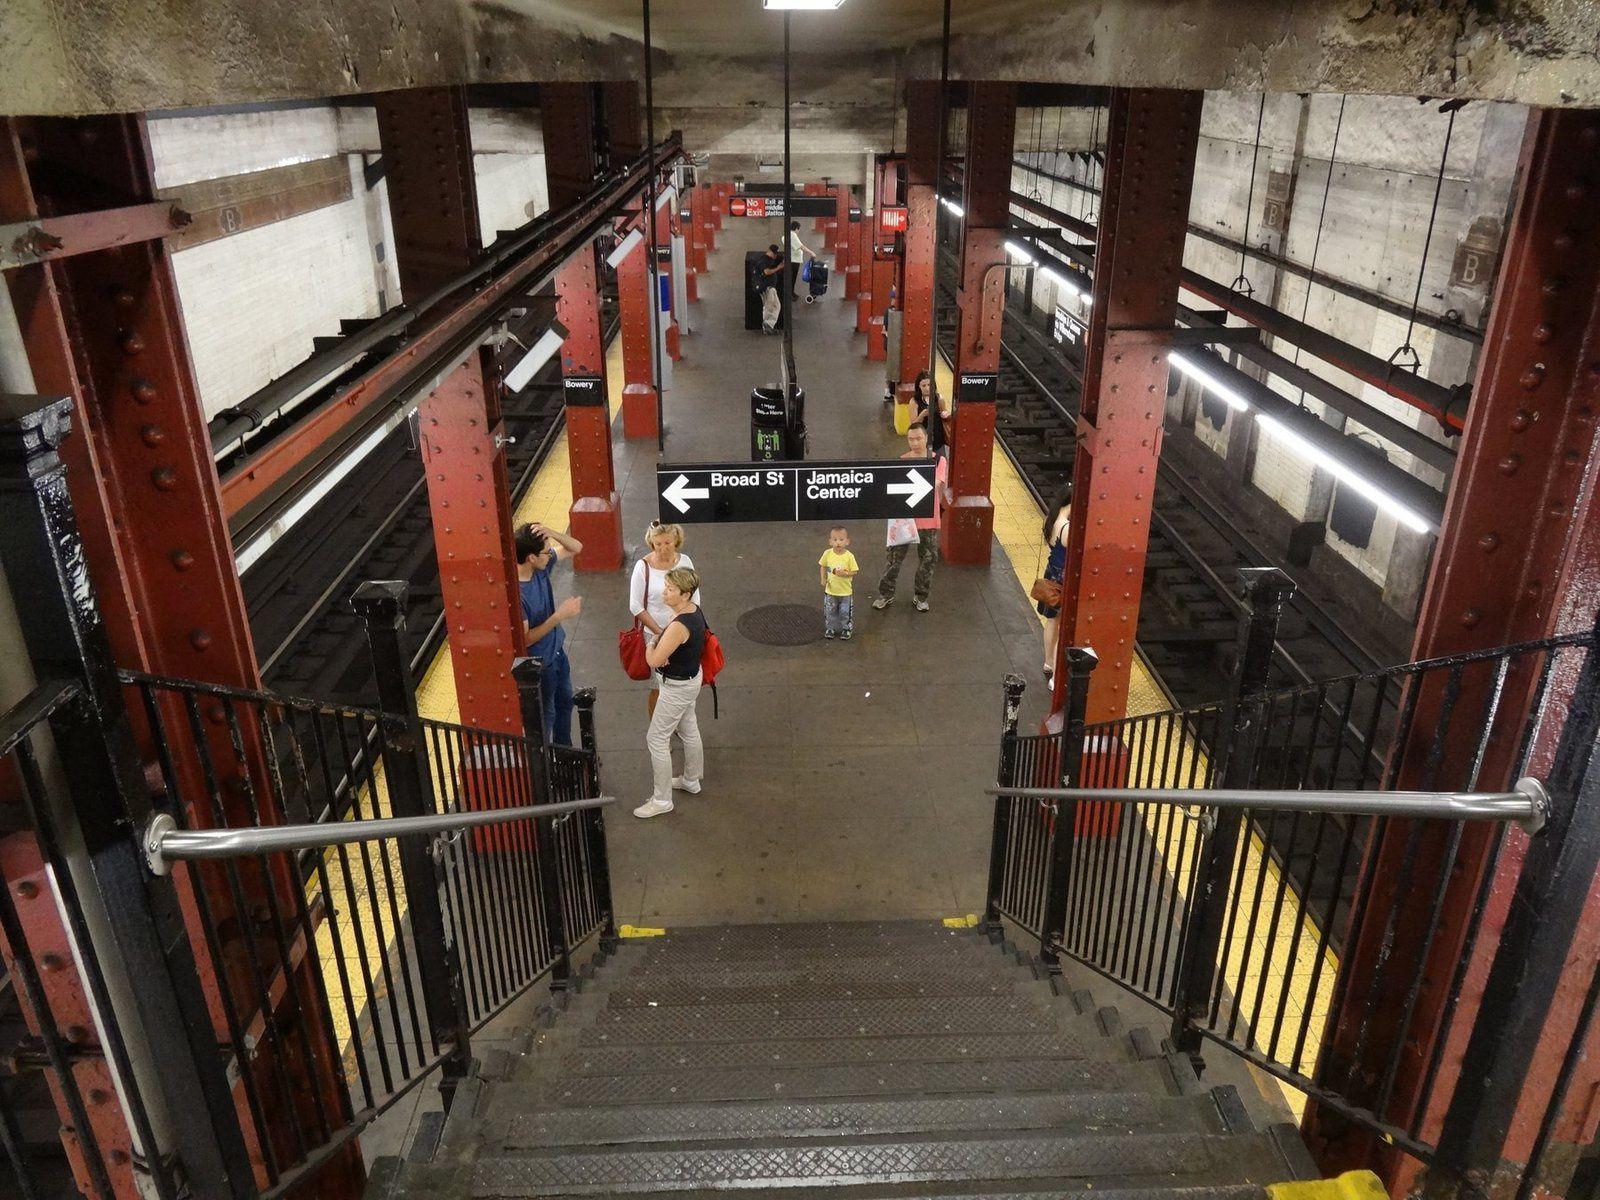 Le Métro de New York (6 photos)